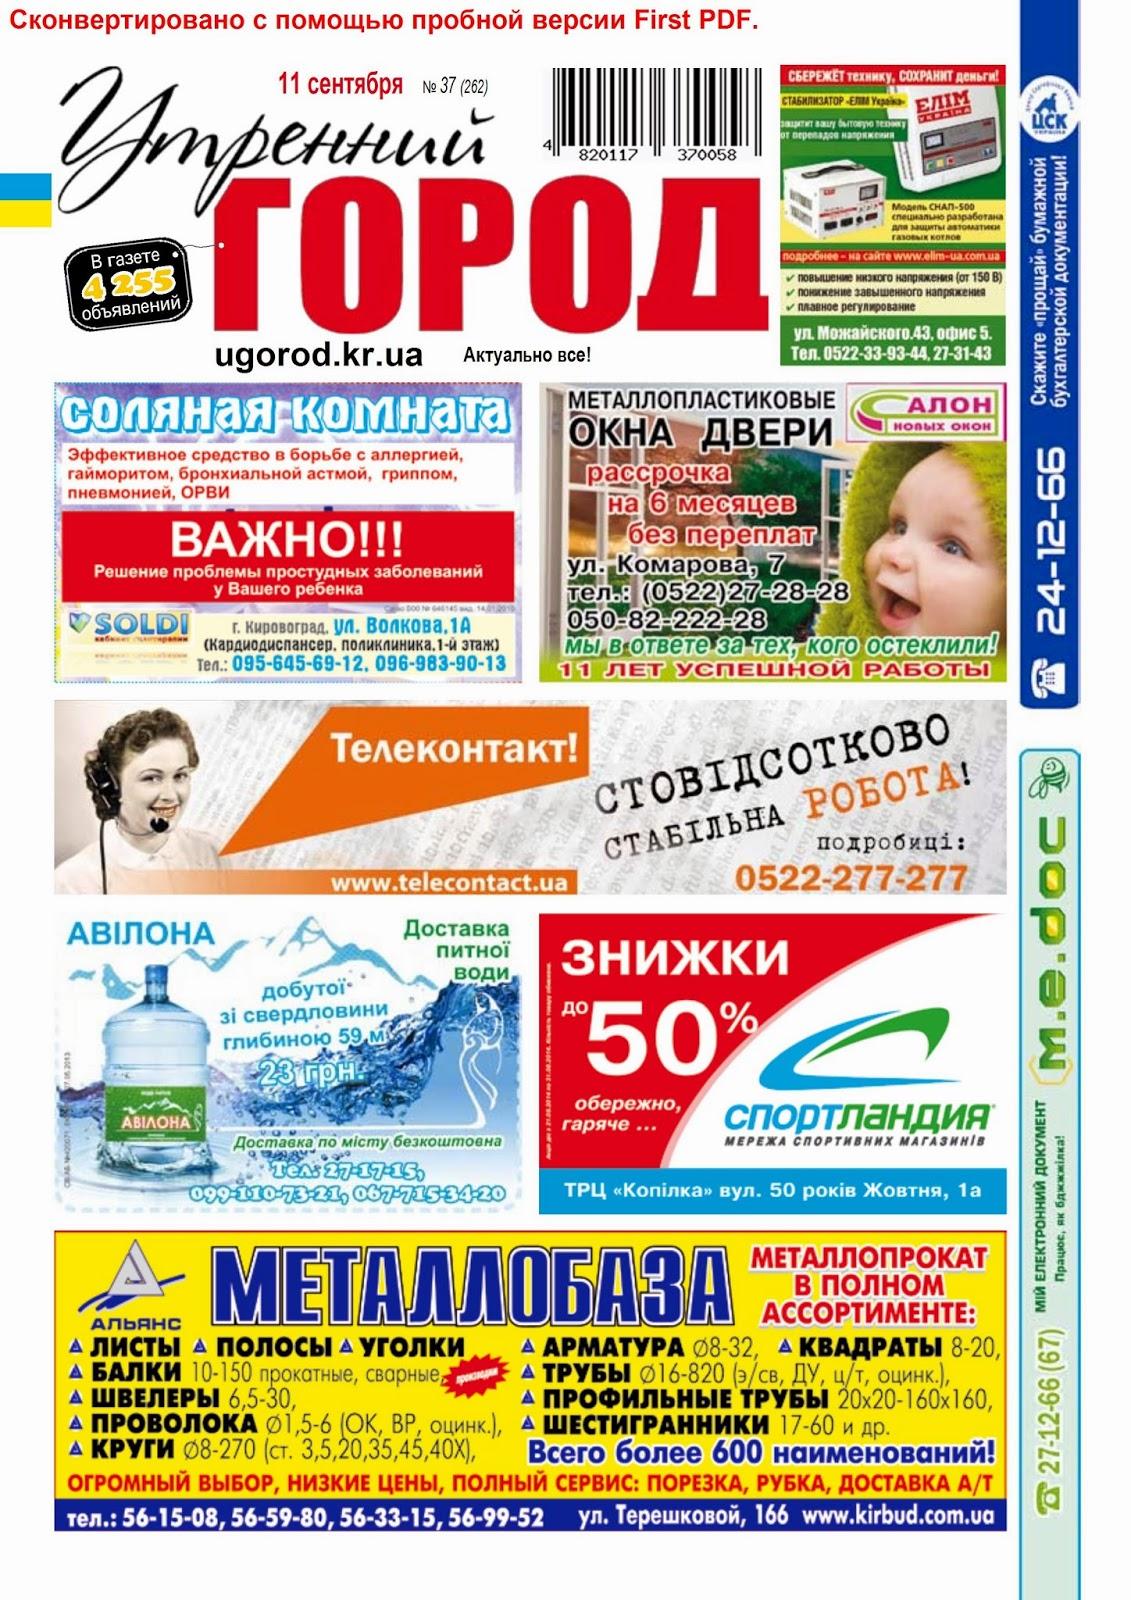 gey-obyavleniya-obninsk